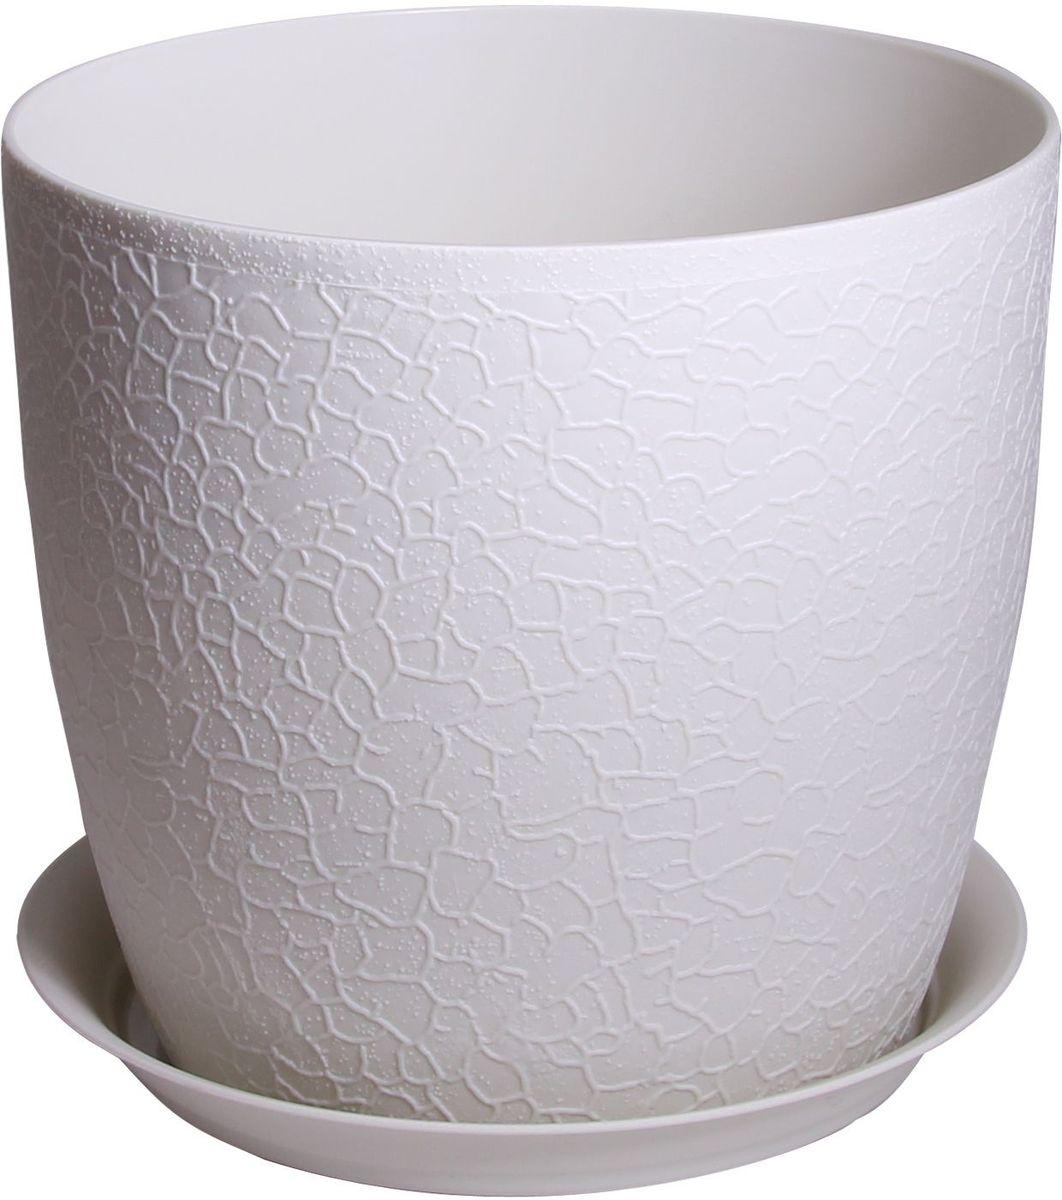 Кашпо Idea Верона, с подставкой, цвет: белый, диаметр 18 см531-402Кашпо Idea Верона изготовлено из полипропилена (пластика). Специальная подставка предназначена для стока воды. Изделие прекрасно подходит для выращивания растений и цветов в домашних условиях.Диаметр кашпо: 18 см.Высота кашпо: 16,1 см.